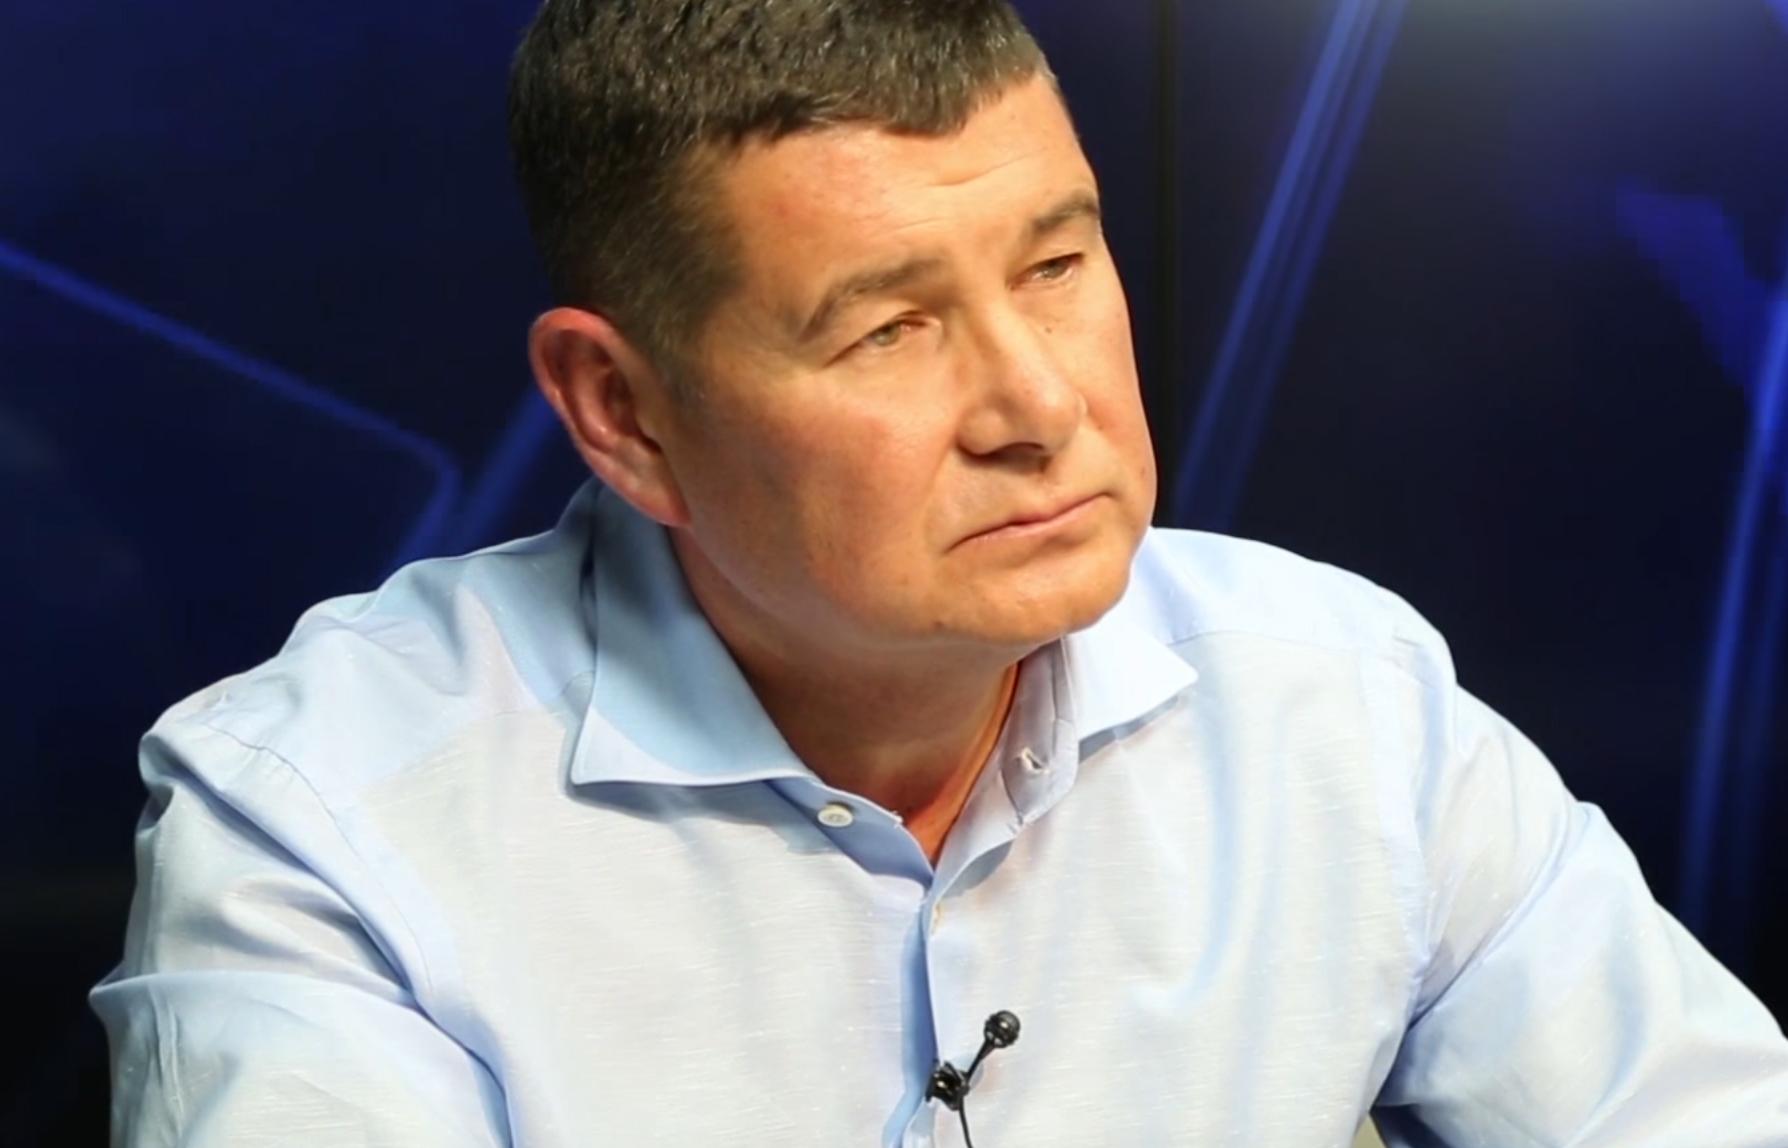 Суд разрешил заочное расследование в отношении Онищенко